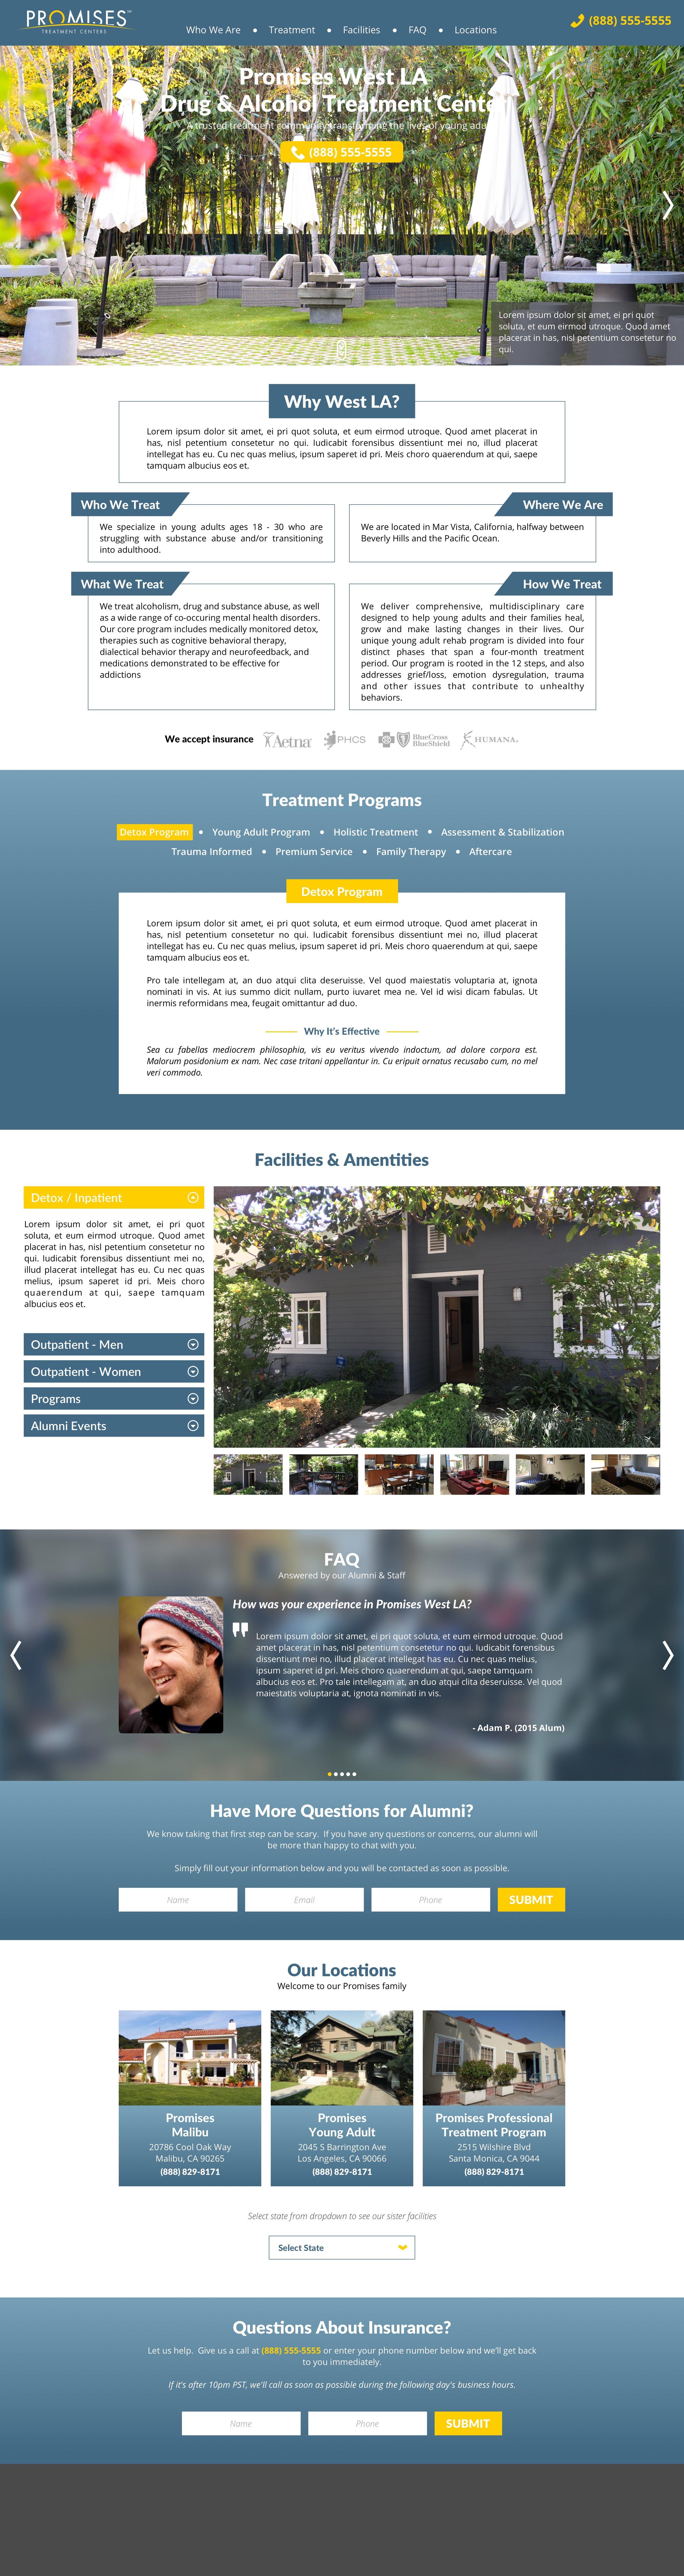 PromisesWestLA_0.0_home.jpg